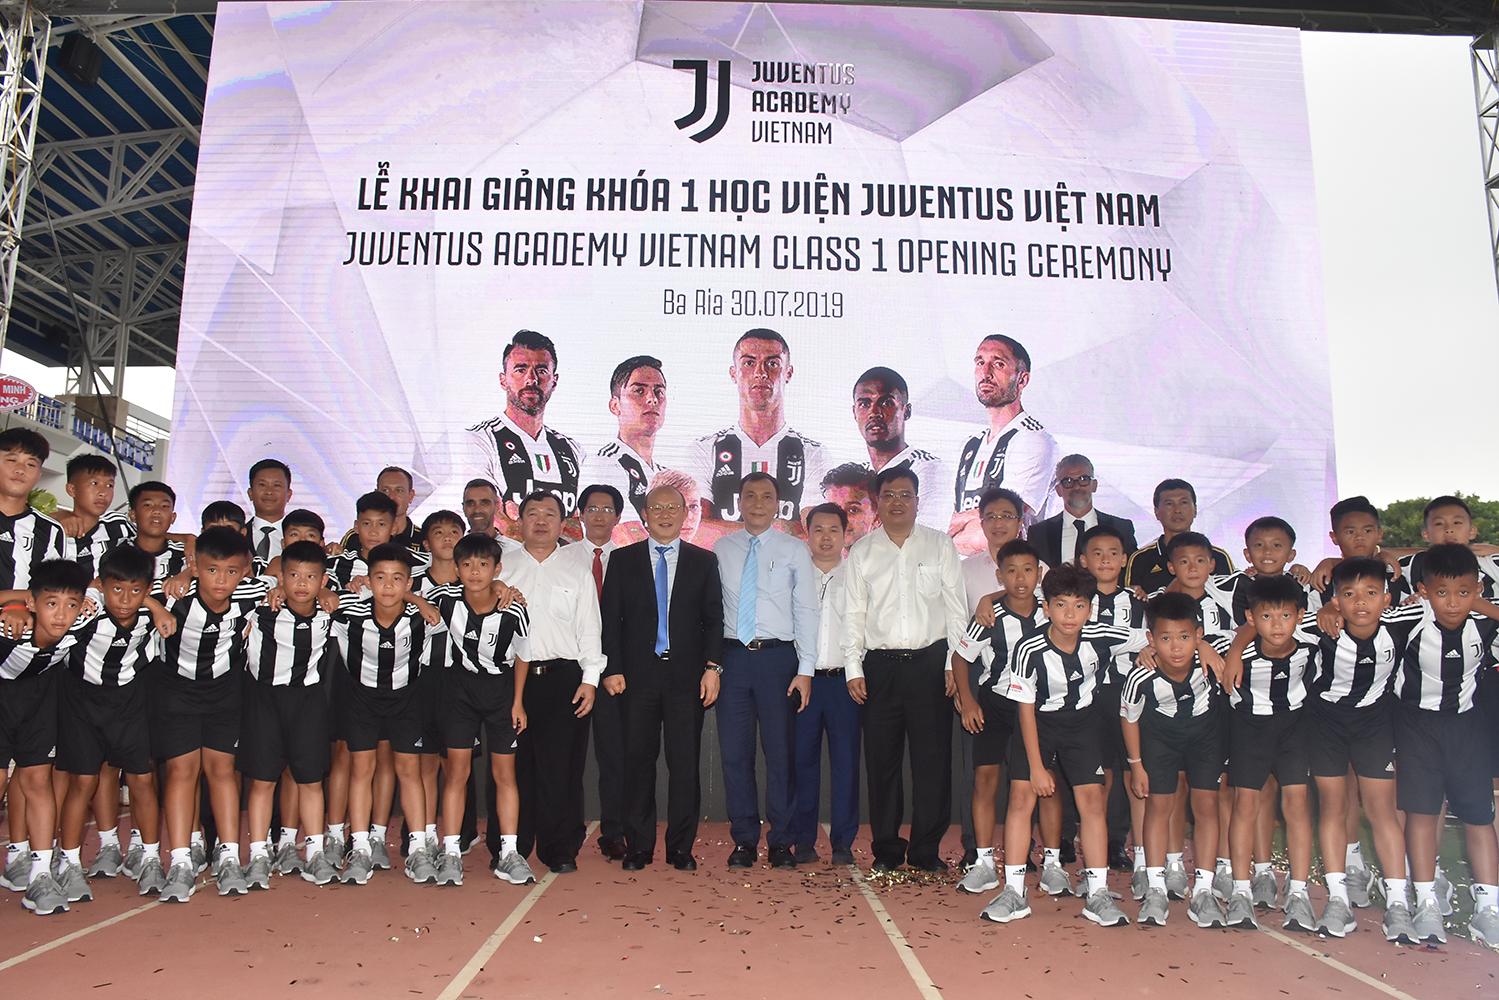 Lãnh đạo VFF và HLV trưởng Park Hang-seo dự lễ khai giảng khóa 1 Học viện Juventus Việt Nam